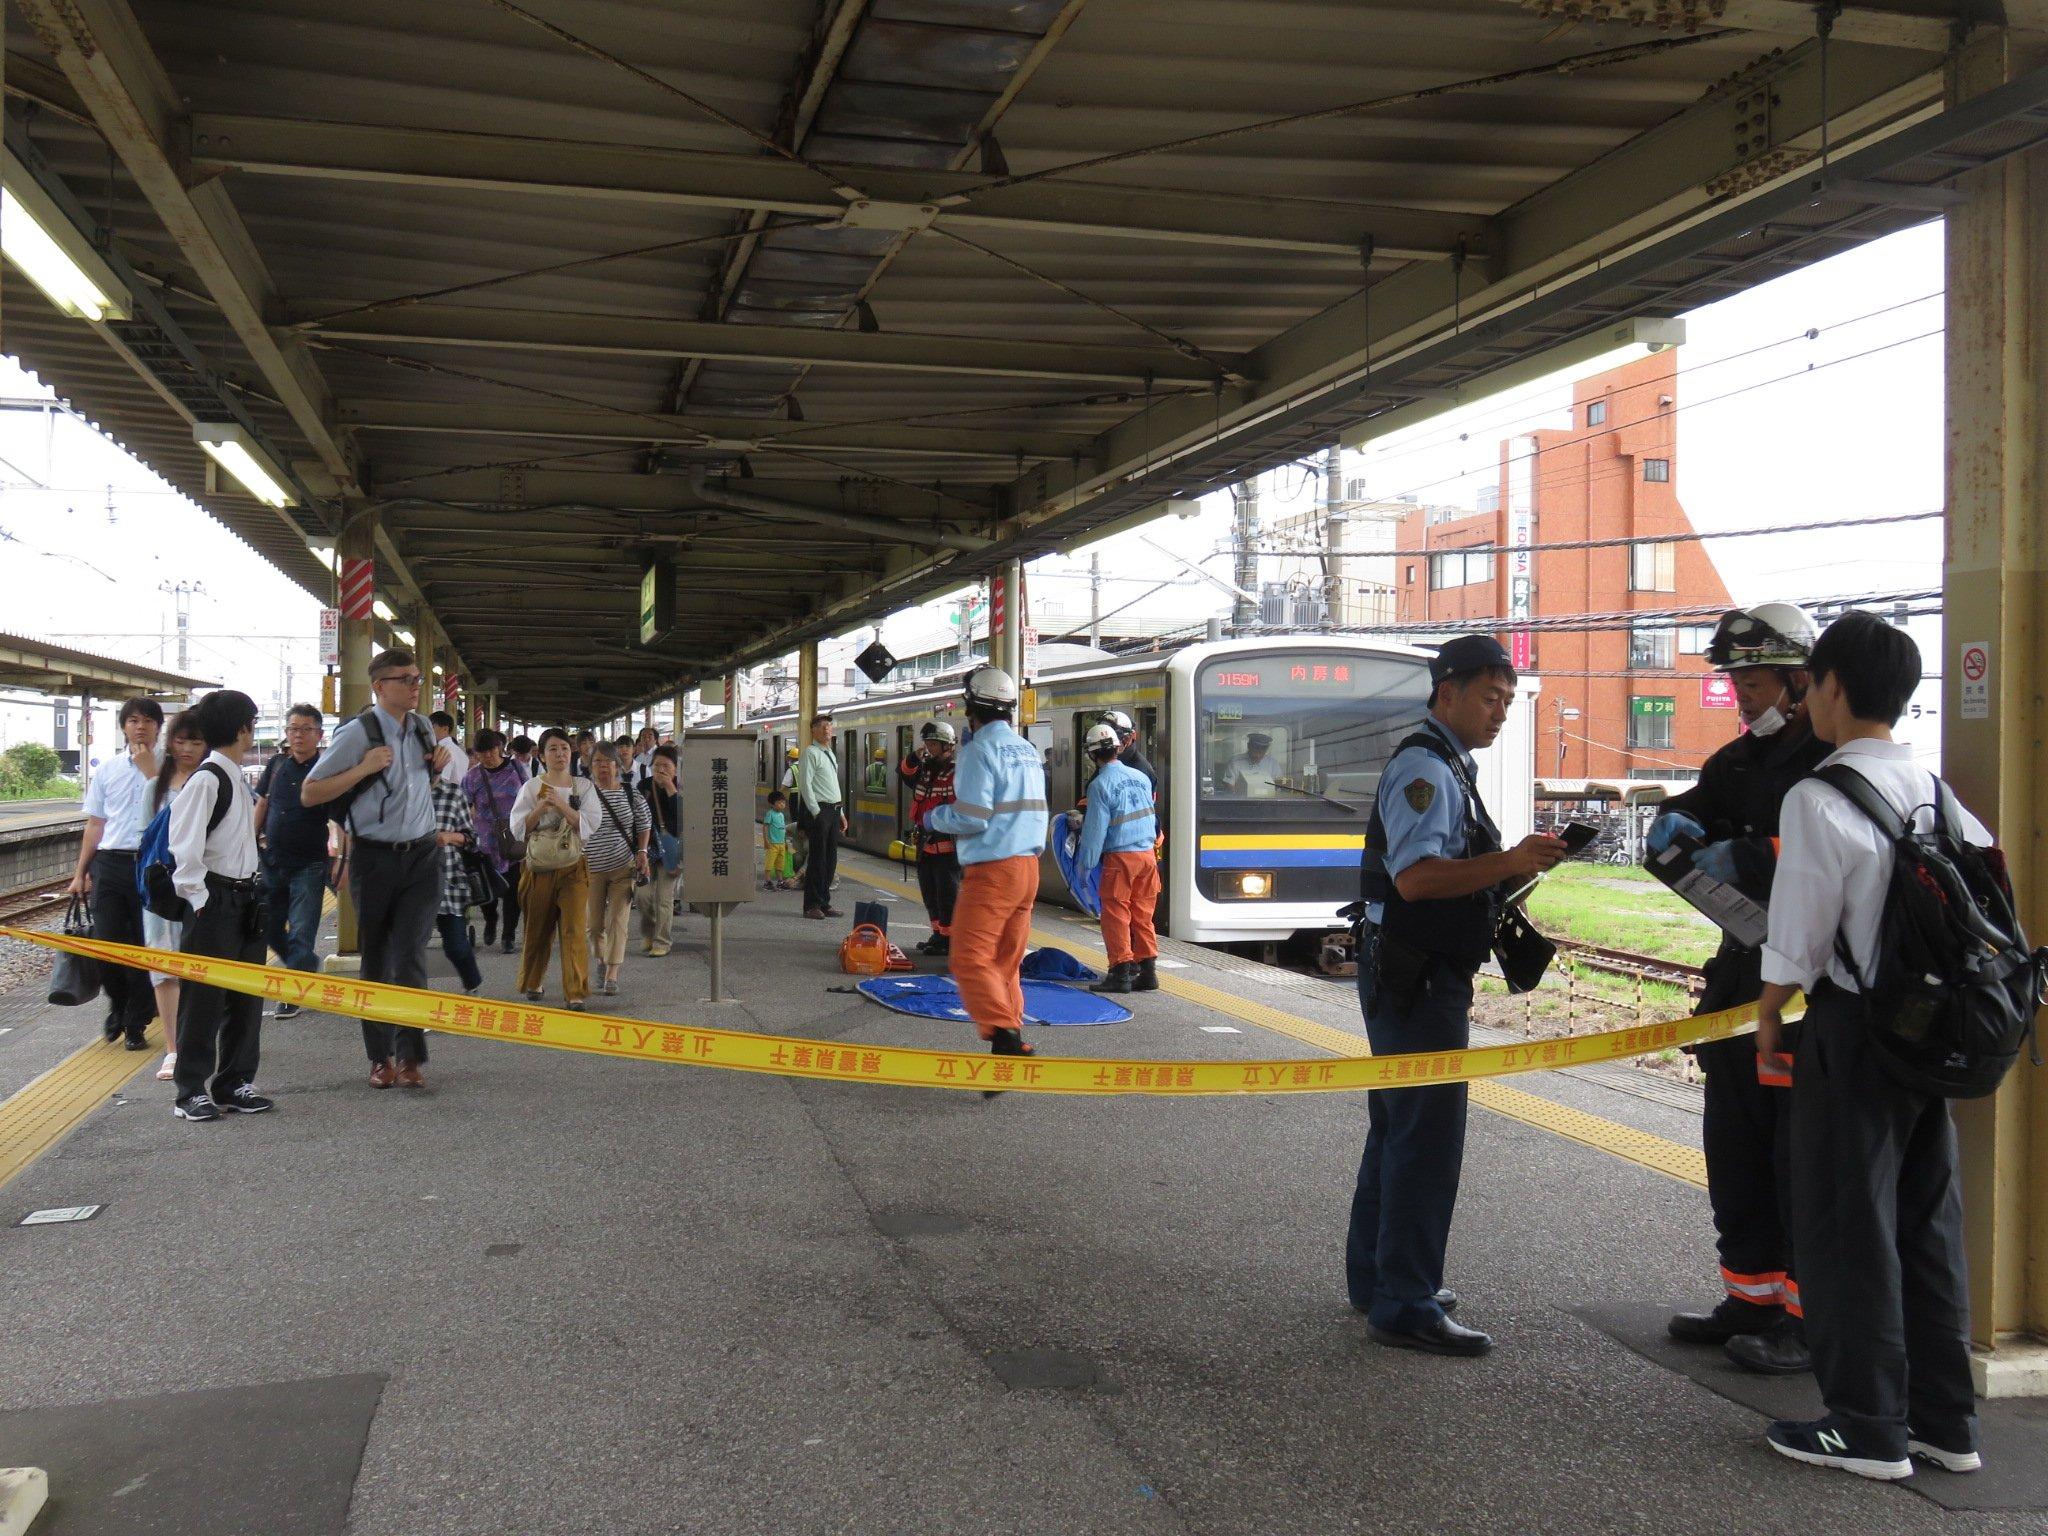 姉ヶ崎駅で人身事故が起きた現場の画像